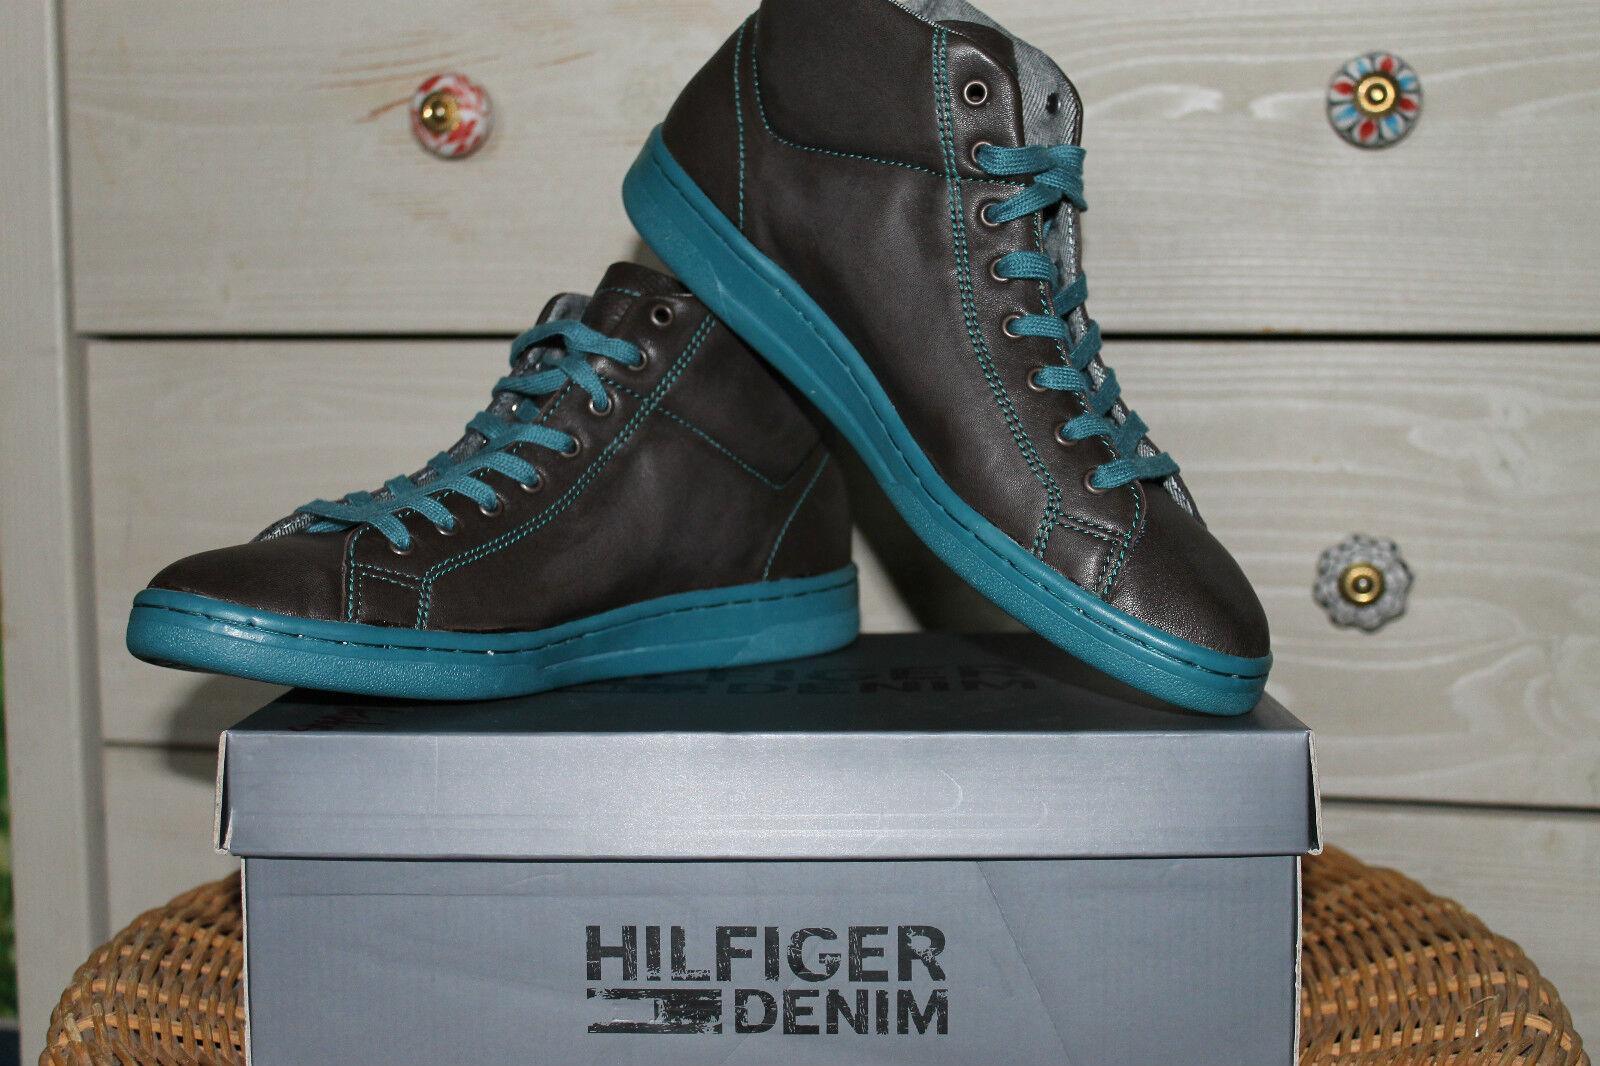 TOMMY HILFIGER Sneakers Gr.40 NEU ECHT LEDER washed Leder TURNSCHUHE LUXUS